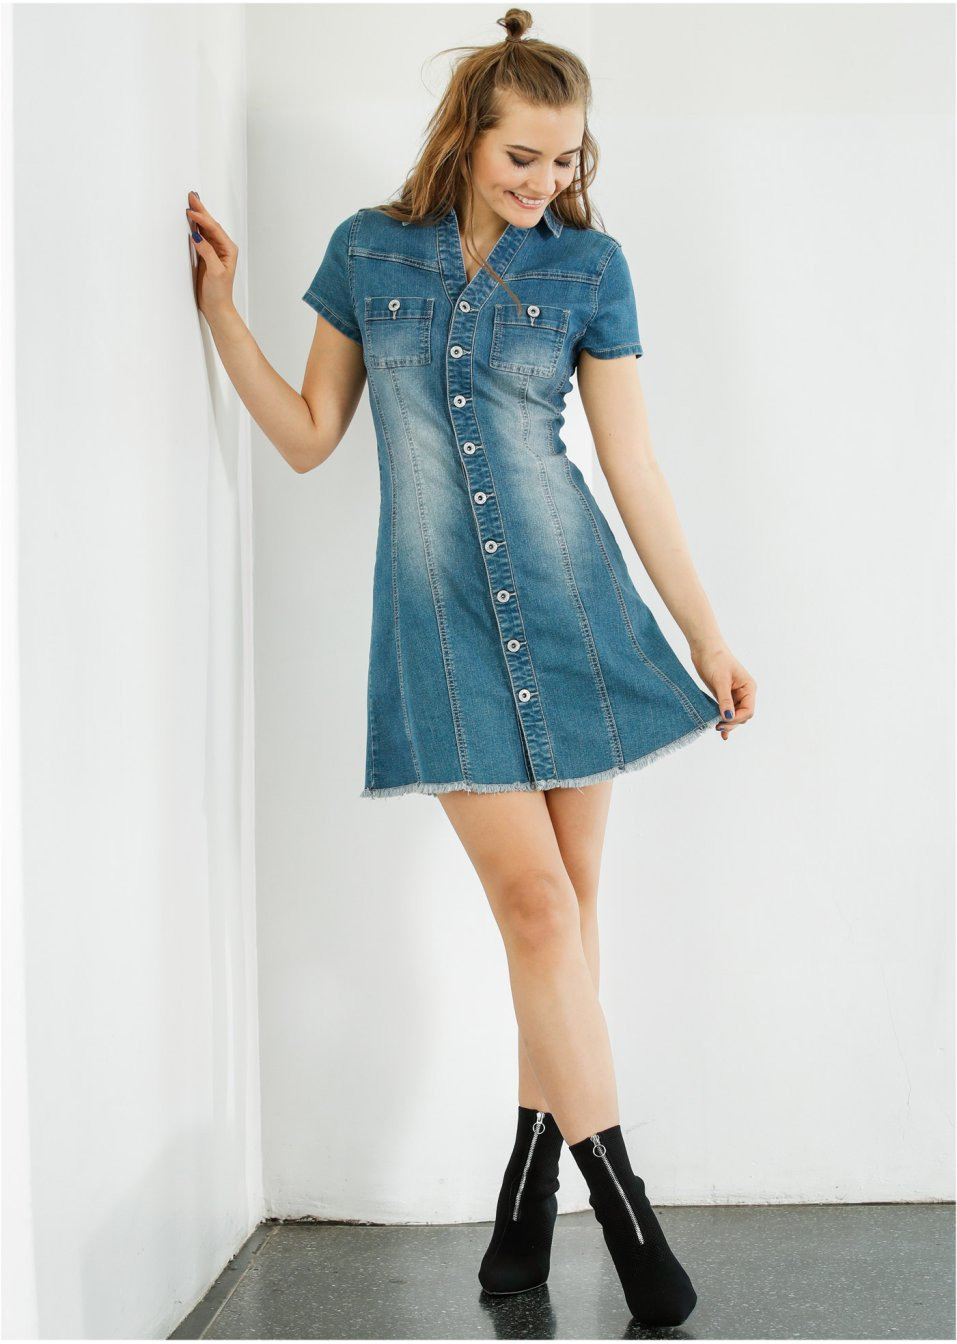 Modisches Kleid Tailliert Aus Jeansstoff Mit Knöpfen